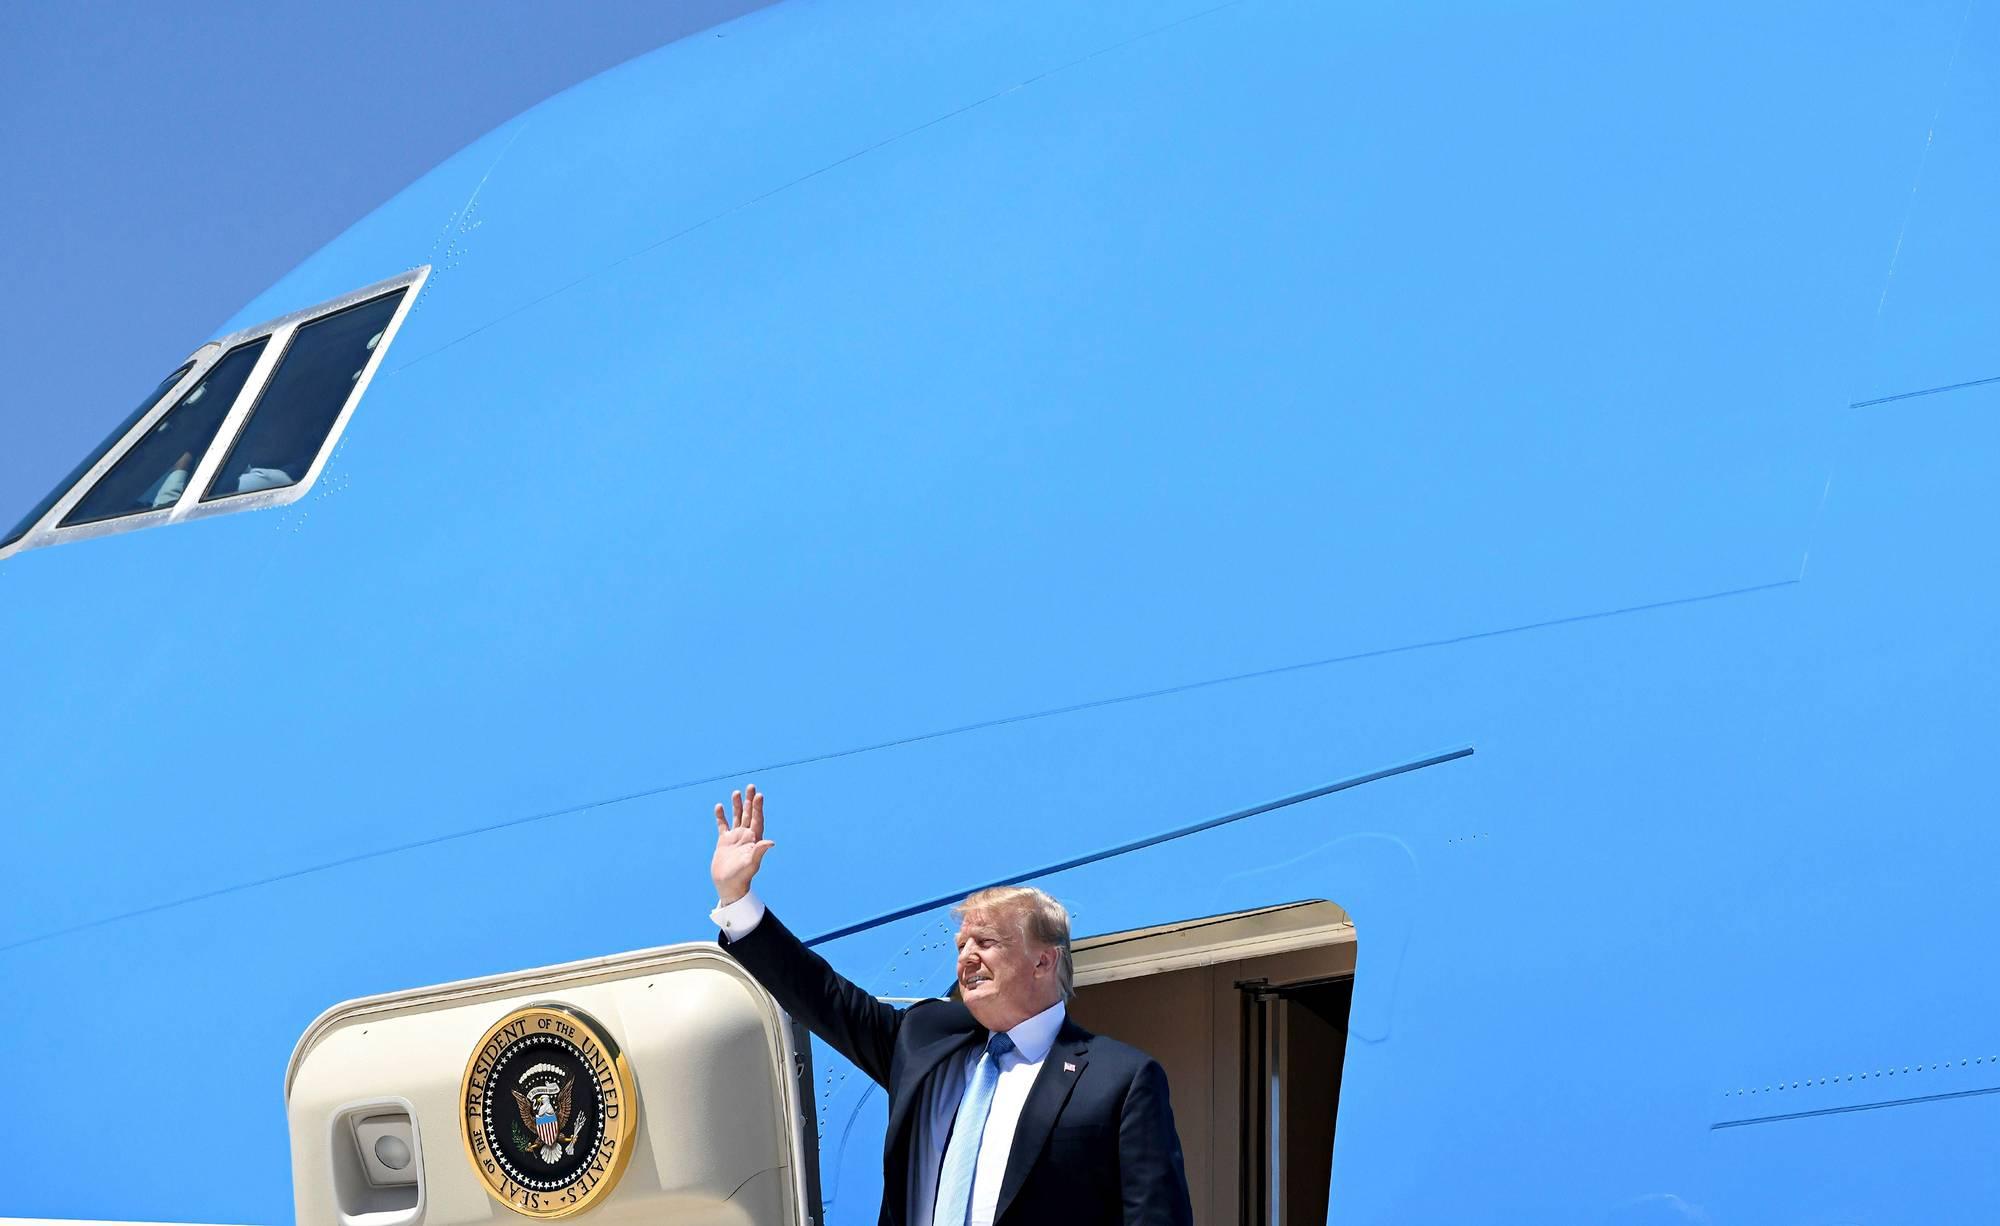 Donald Trump tervehti nevadalaisia Las Vegasin lentokentällä 23. kesäkuuta 2018.